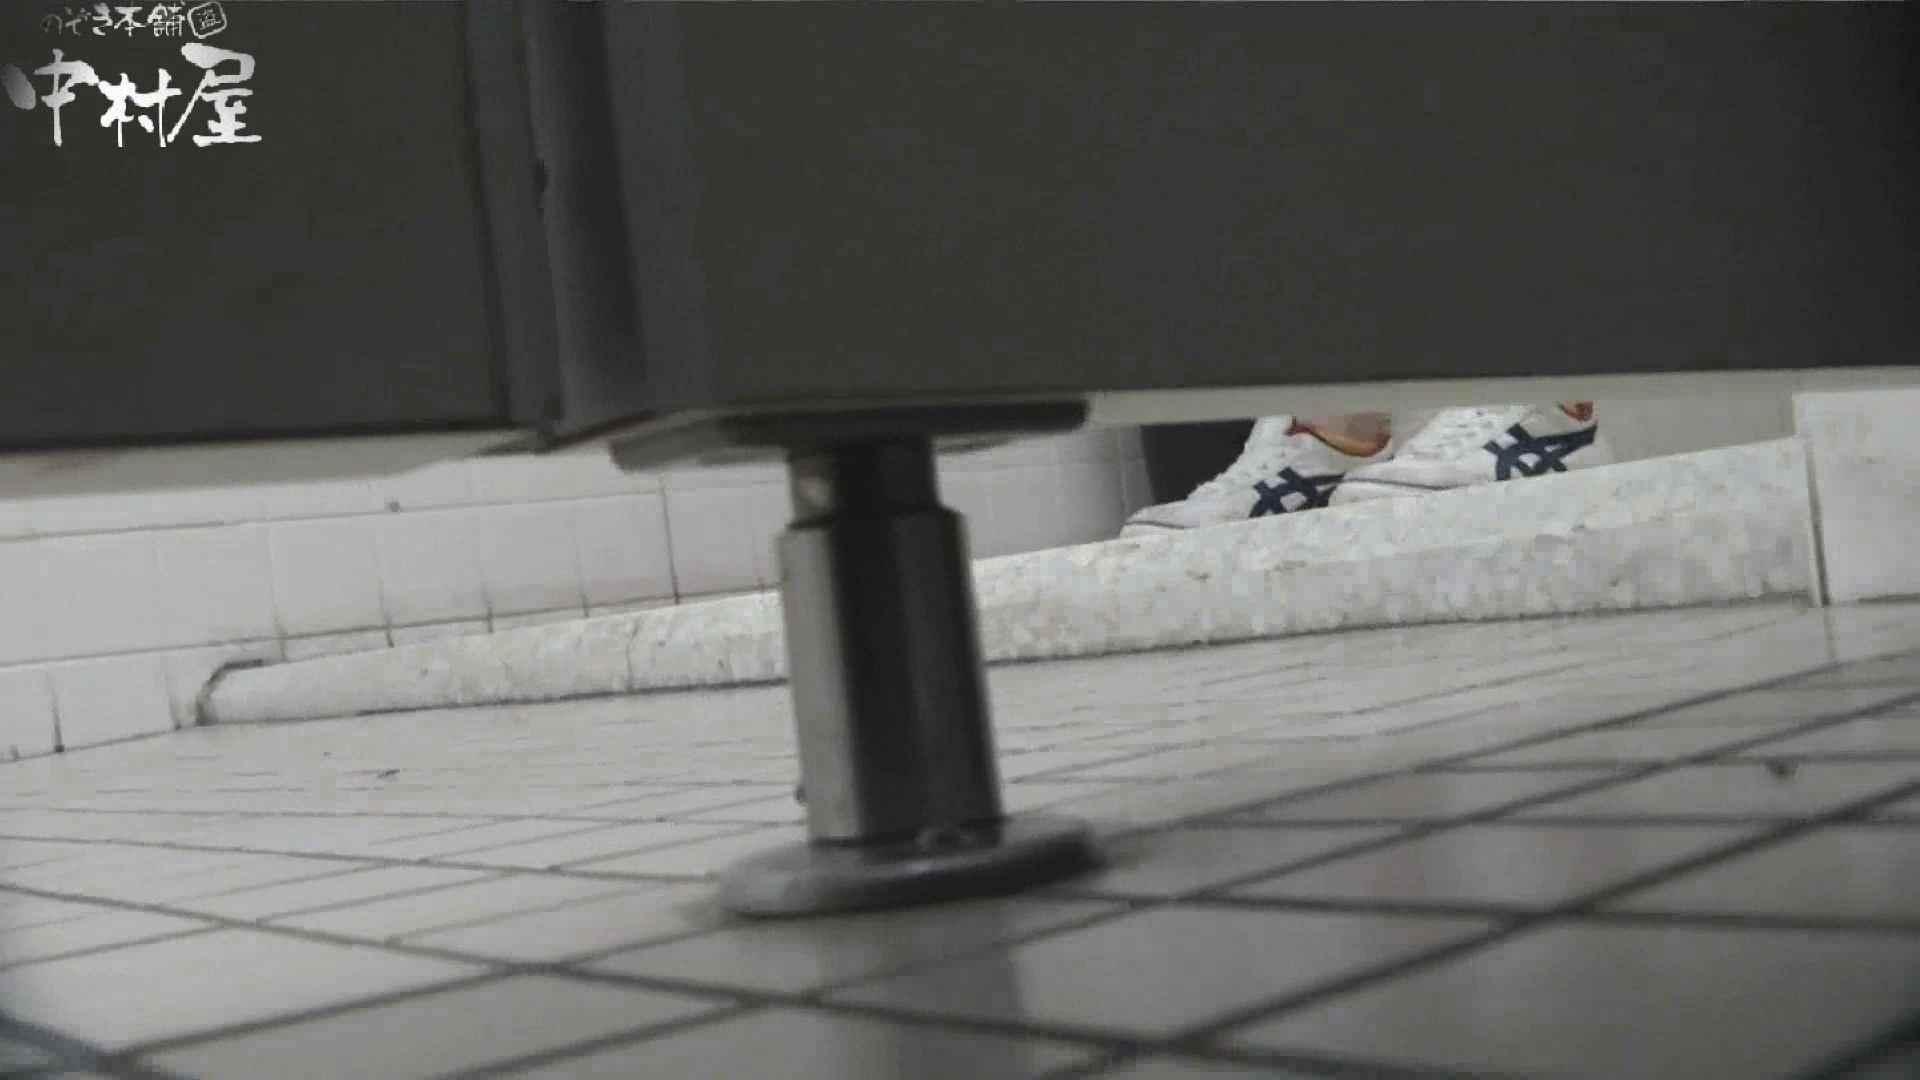 【お銀さんの「洗面所突入レポート!!」】お銀さんの「洗面所突入レポート!!」 vol.29 ∑(゚Д゚)アッ! 0  58連発 50